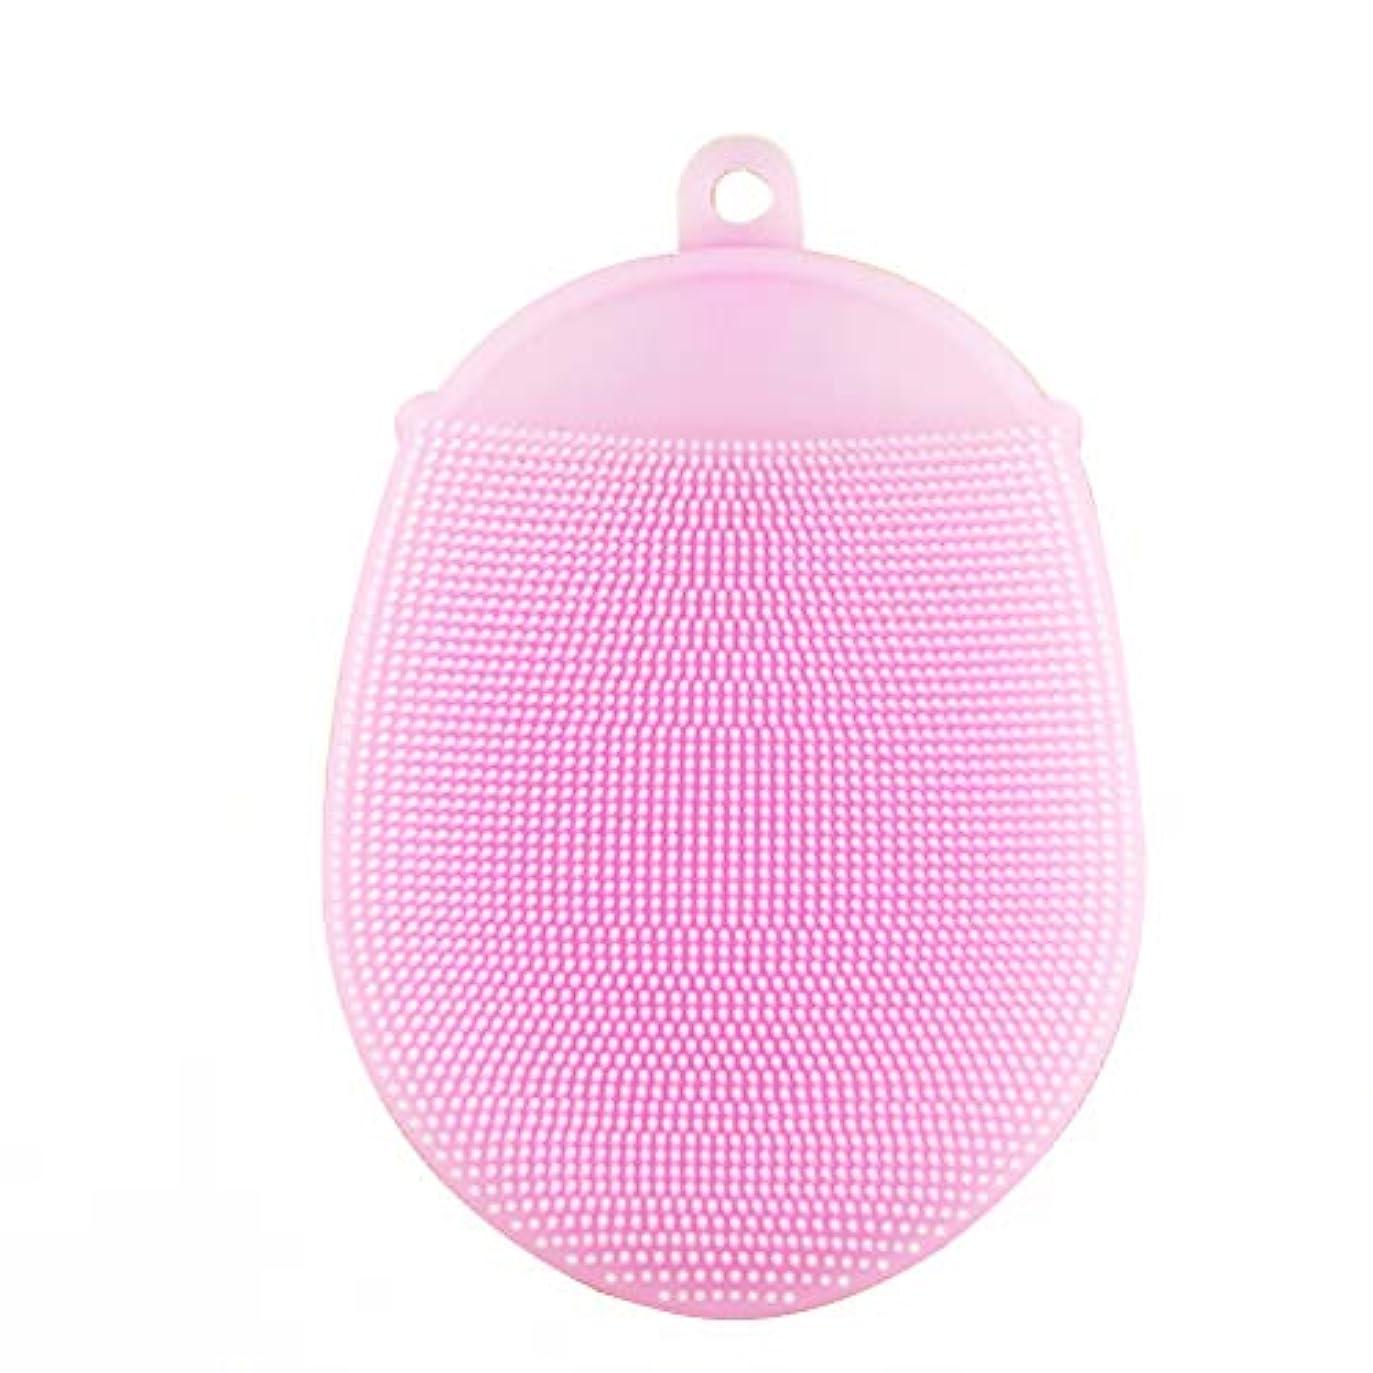 階急速な木曜日Healifty シリコンボディ入浴ブラシフェイスクレンザーブラシパッドシャワースクラバー手袋2本(ピンク)